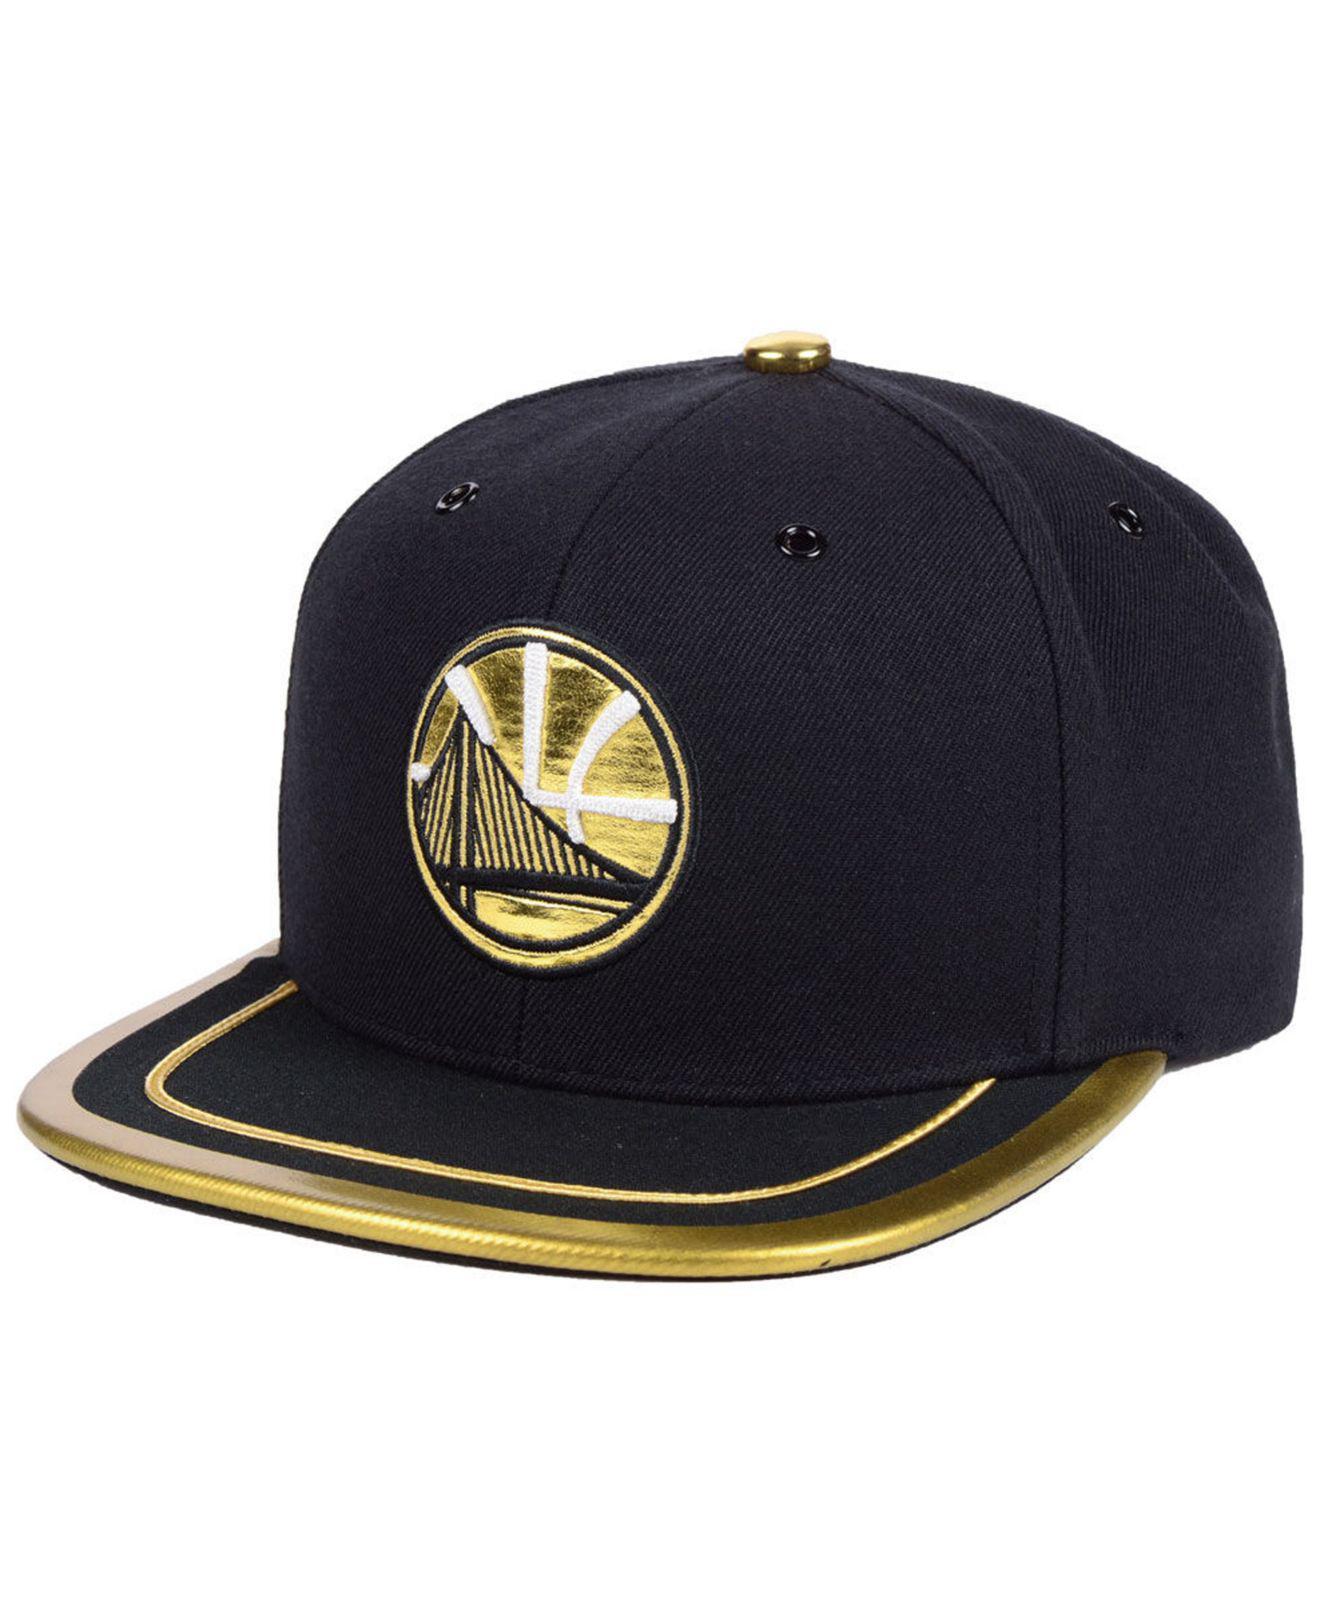 5a71e63bd Mitchell & Ness Golden State Warriors Soutache Viz Snapback Cap in ...